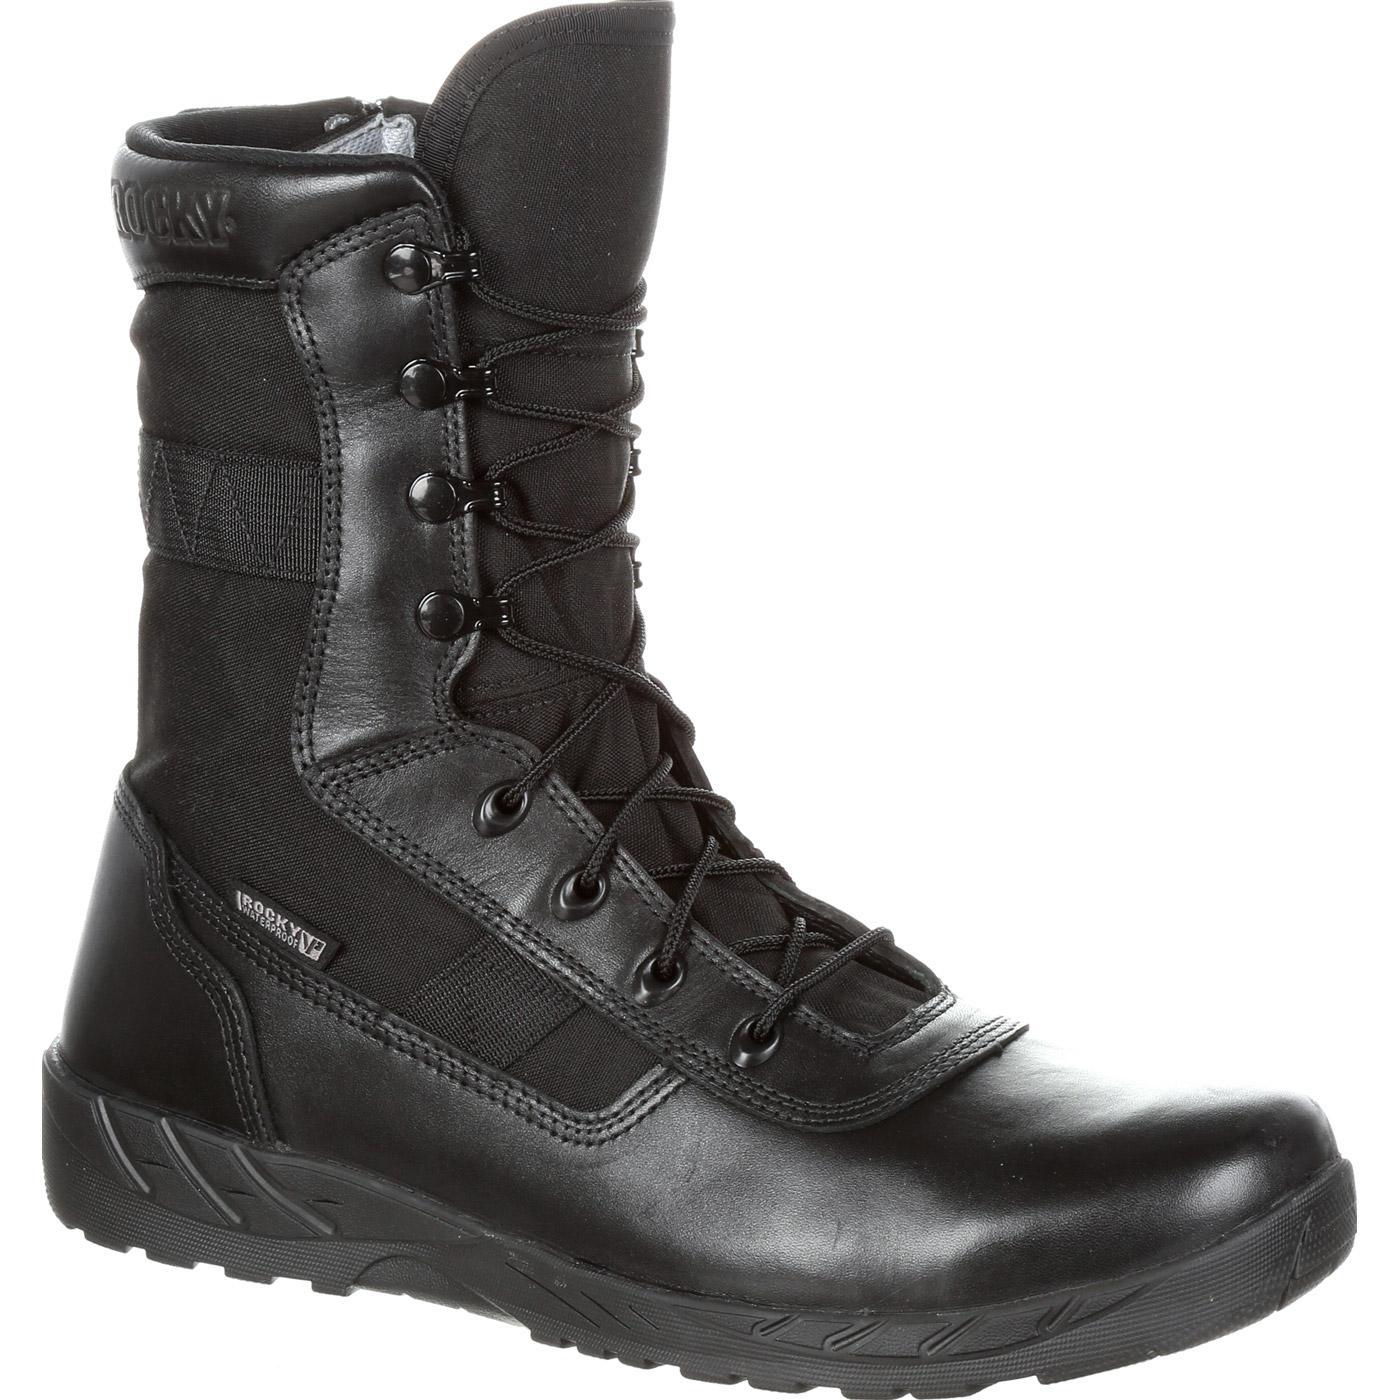 Rocky C7 Sport Pro Waterproof Duty Boot (Men's) 8PsKA8z1z